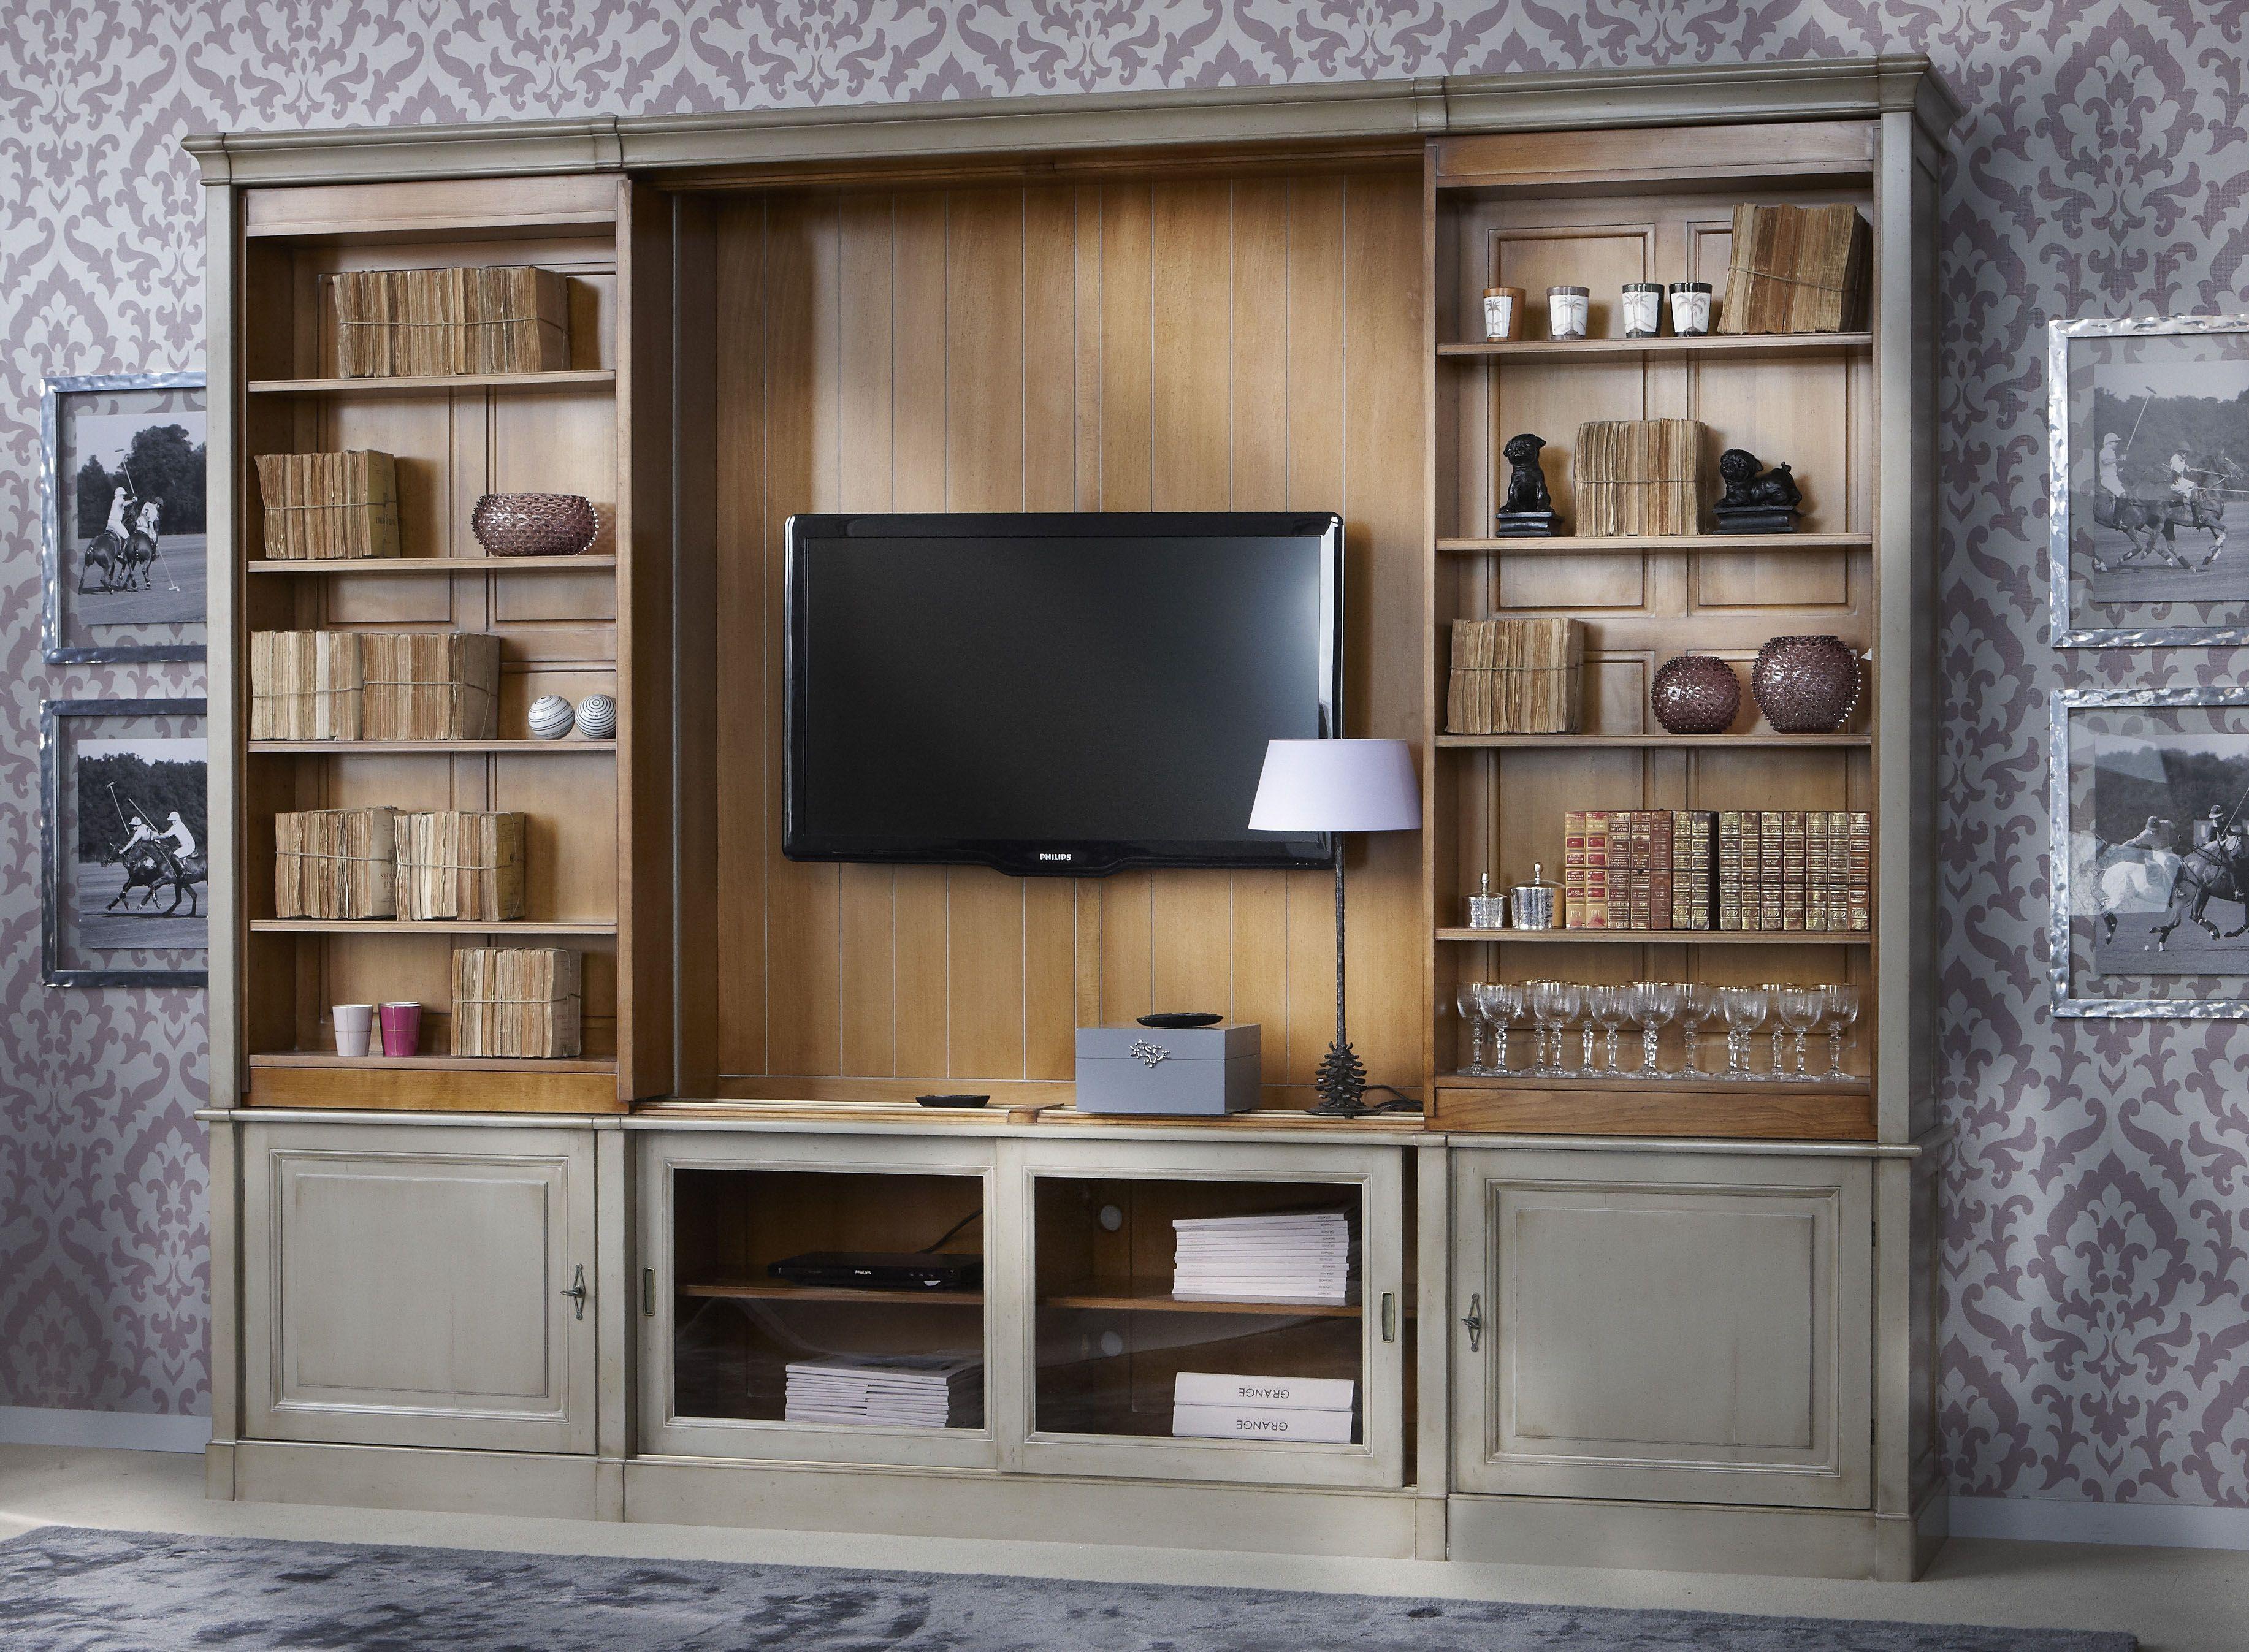 Directoire Sliding Shelves Tv Custom Wall Unit